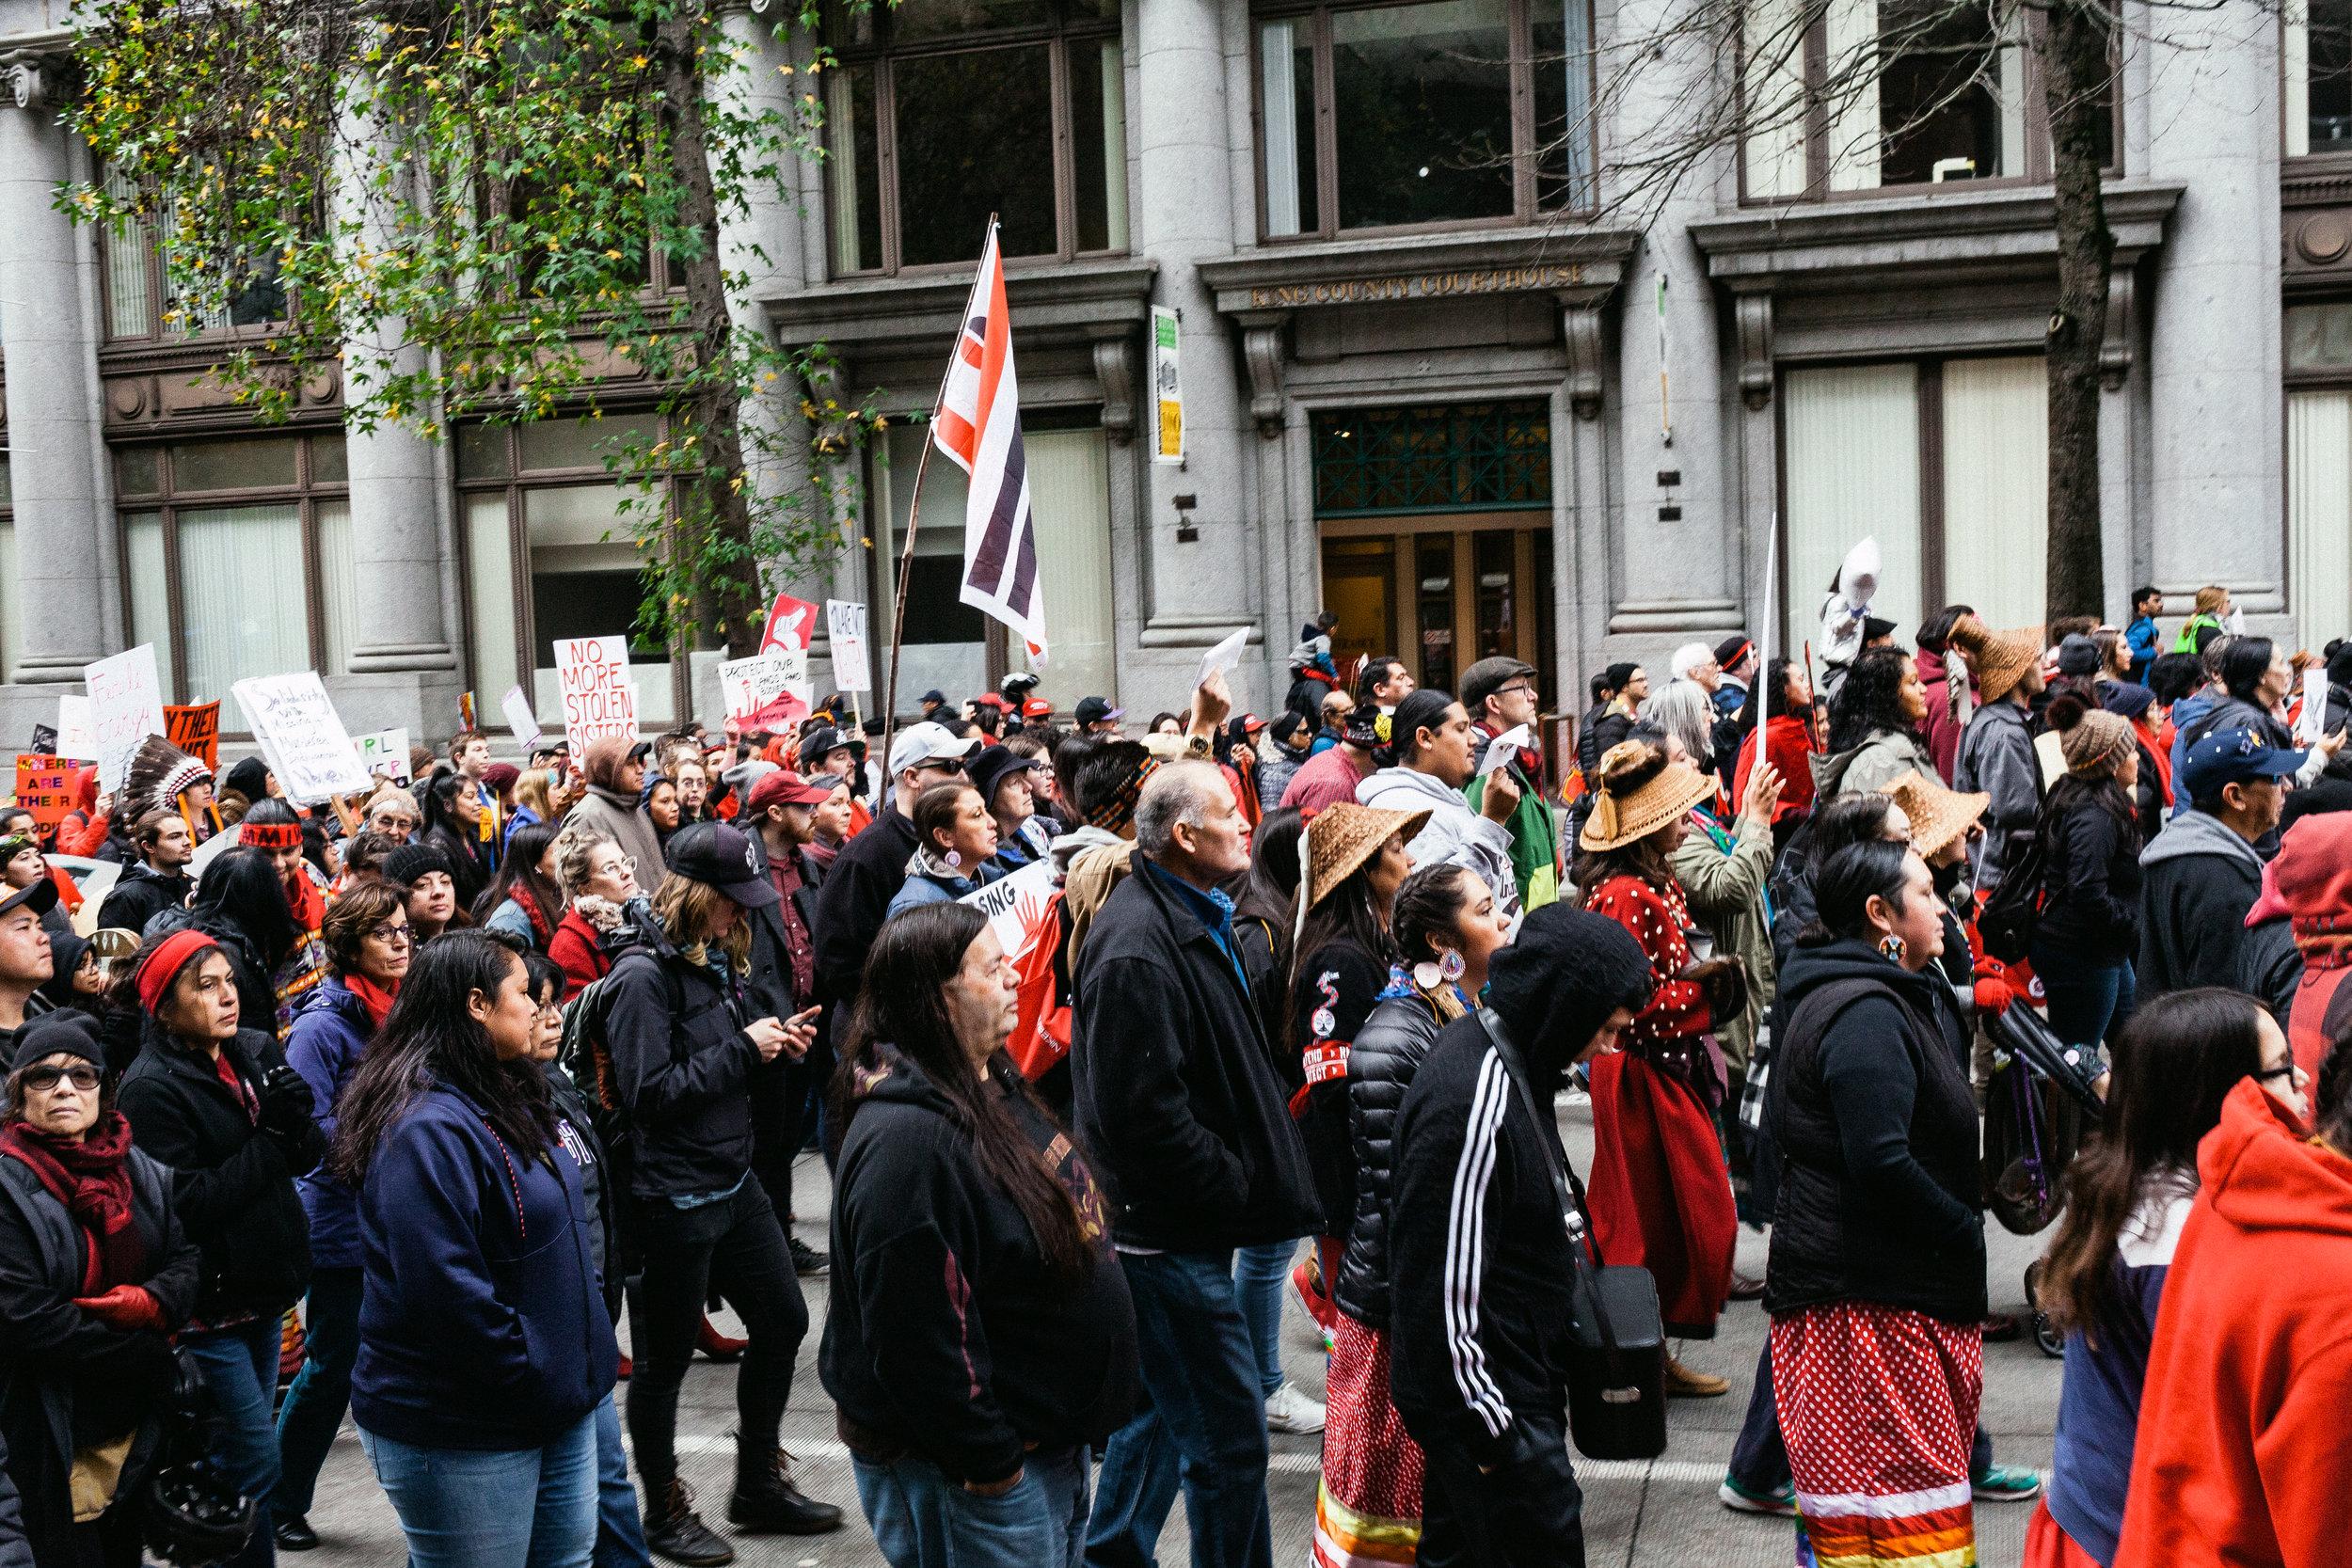 Indigenouswomxnsmarch99.jpg